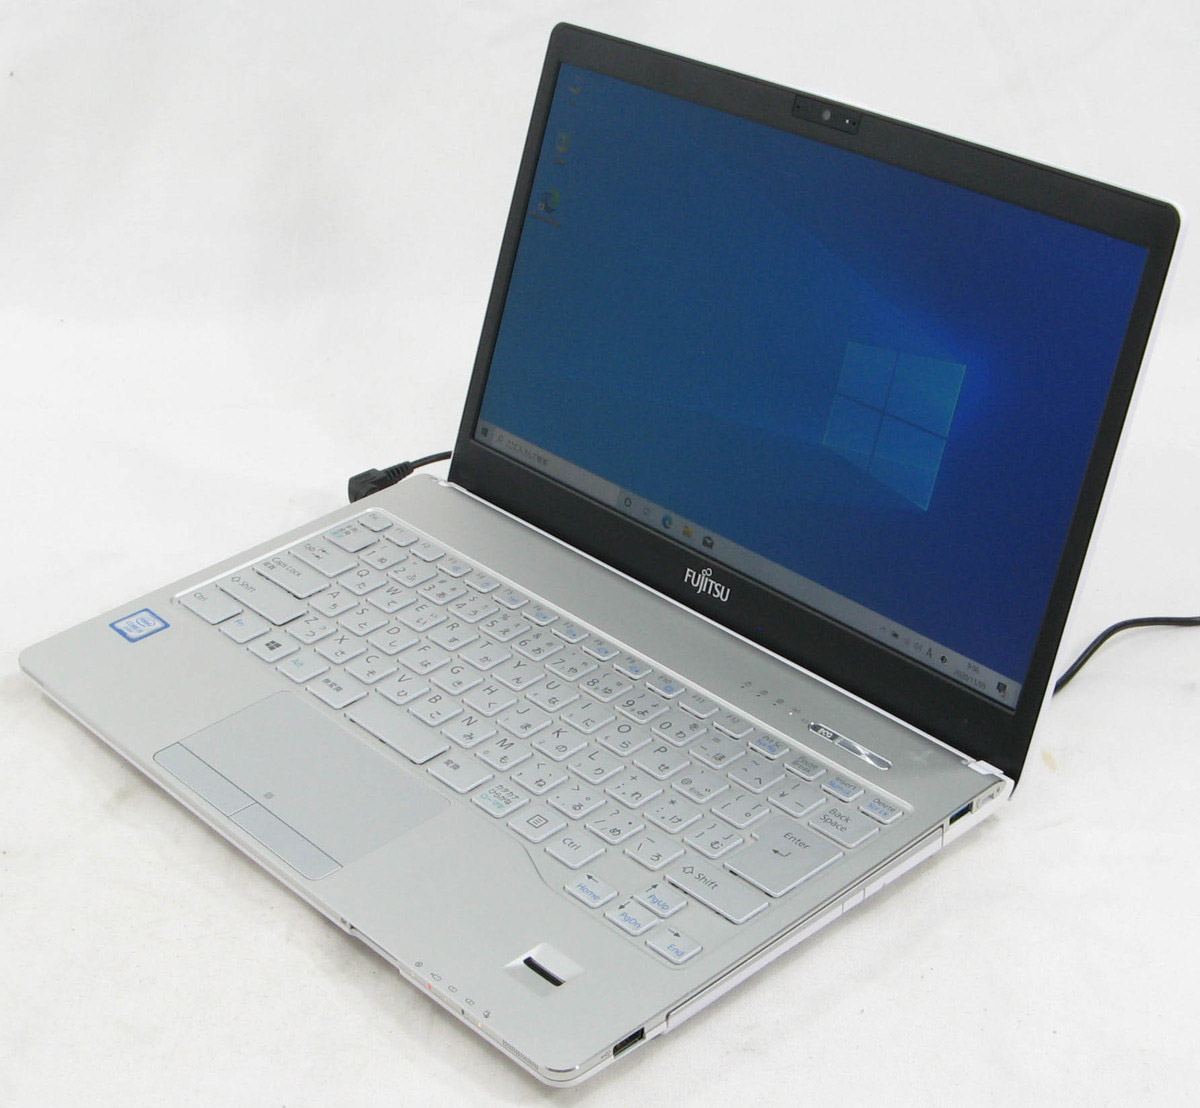 A2-8732/富士通 Lifebook WS1/W FMVWWS17 第6世代 Corei7 メモリ 4GB HDD 500GB Windows 10 中古 ノートパソコン